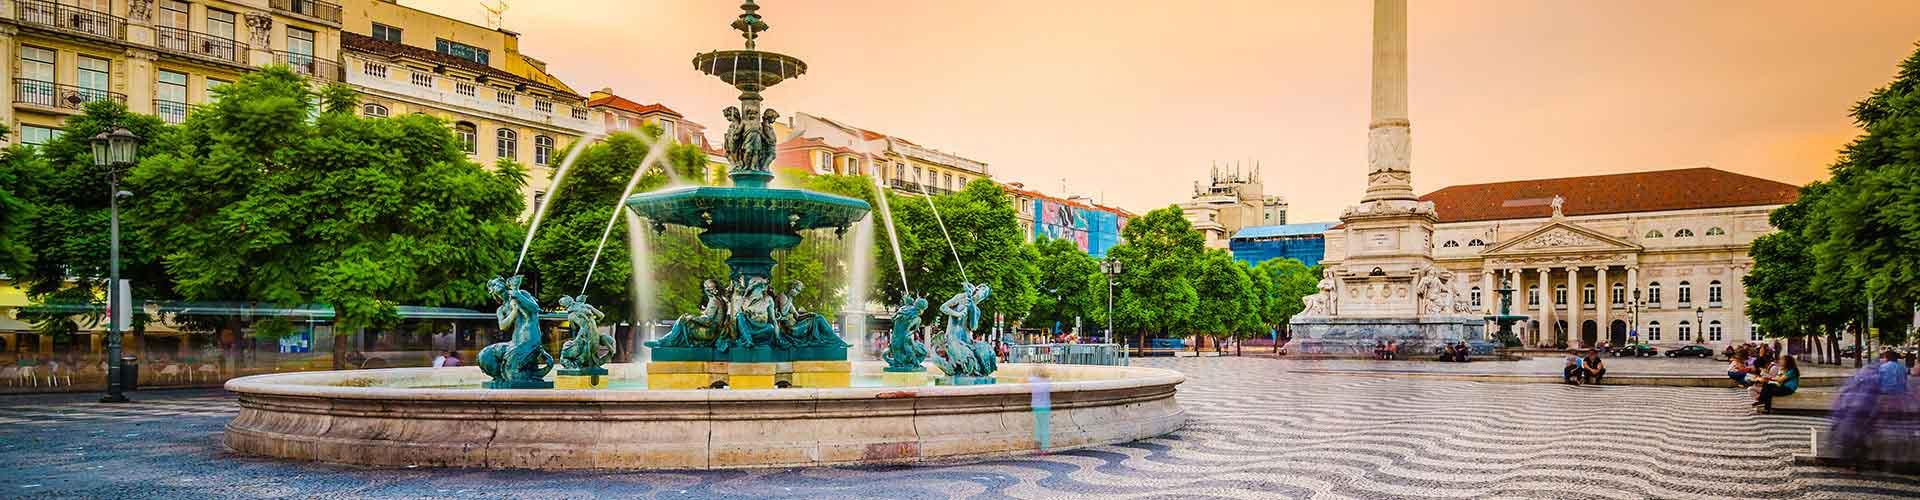 Lisbonne - Hôtels dans le quartier de Baixa. Cartes pour Lisbonne, photos et commentaires pour chaque hôtel à Lisbonne.